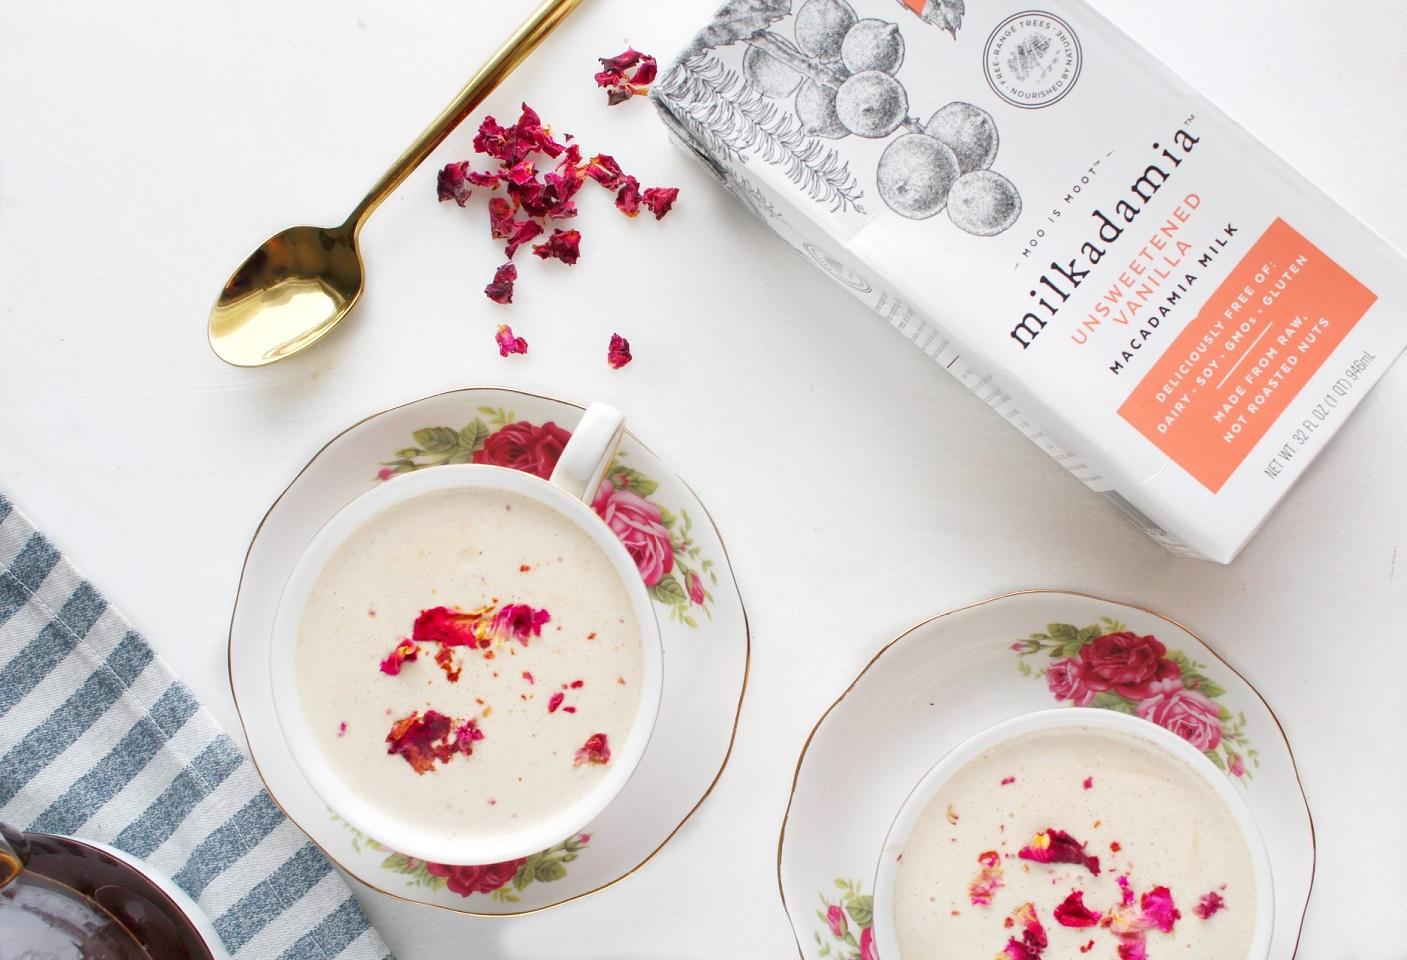 Creamy Vanilla Earl Grey Latte